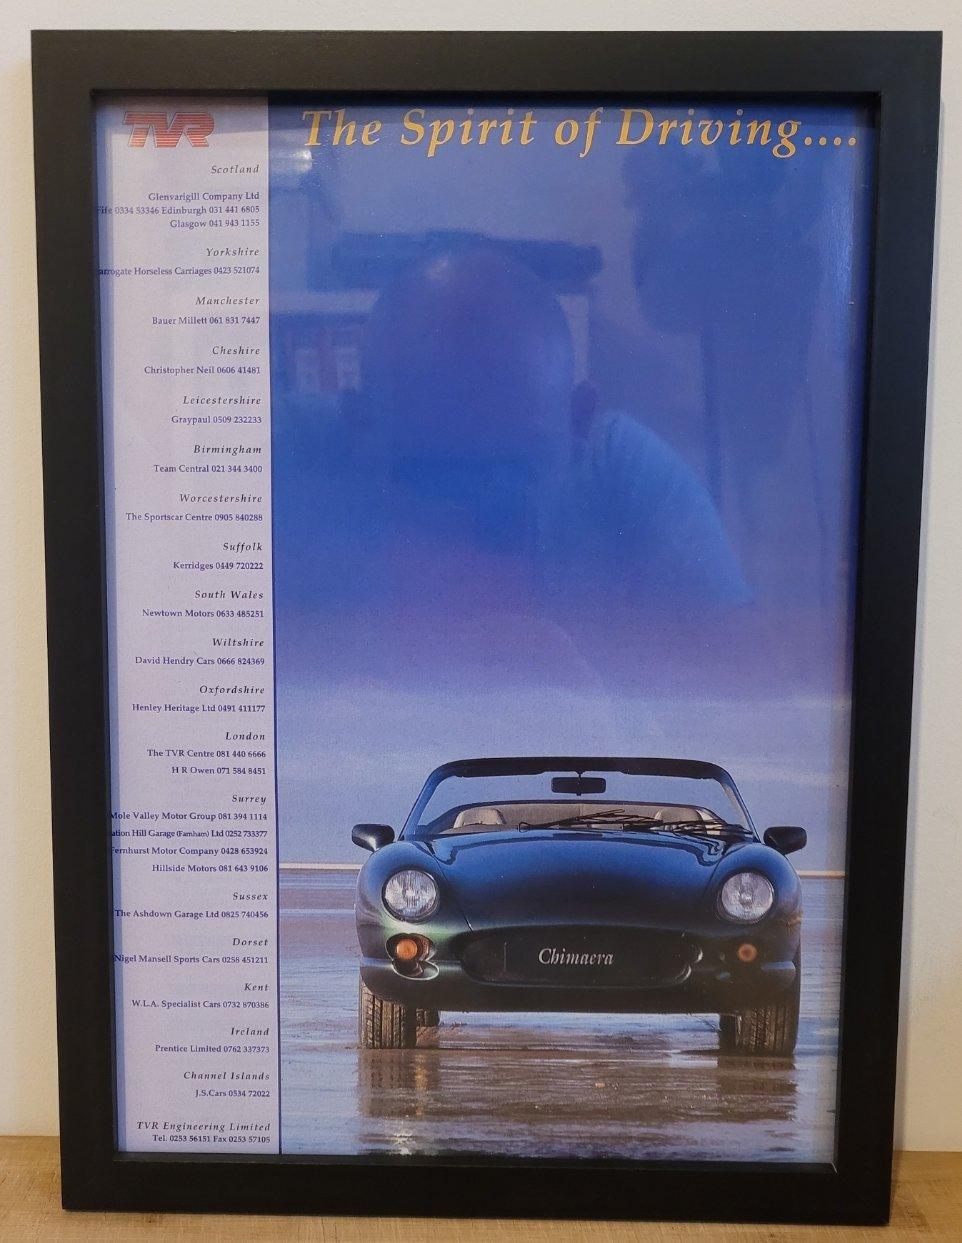 Original 1993 TVR Chimaera Framed Advert